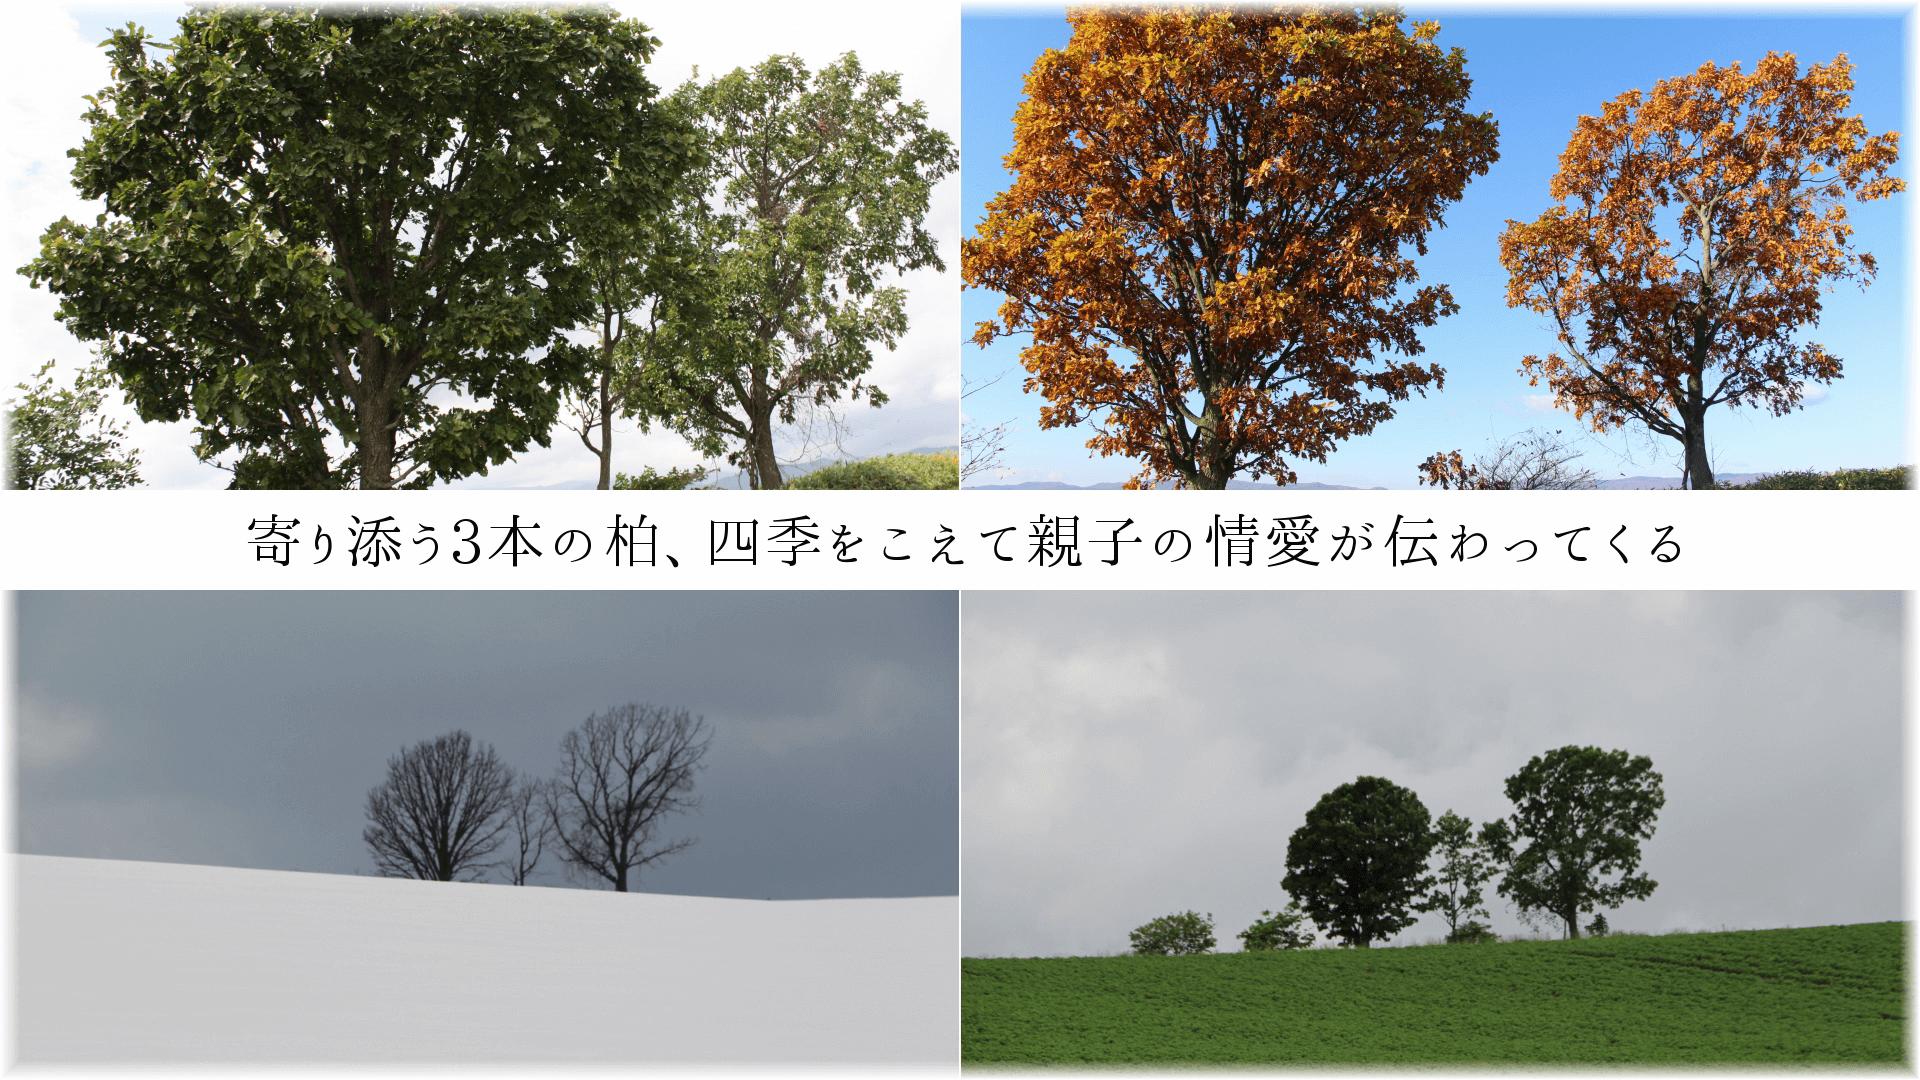 寄り添う3本の柏、四季をこえて親子の情愛が伝わってくる